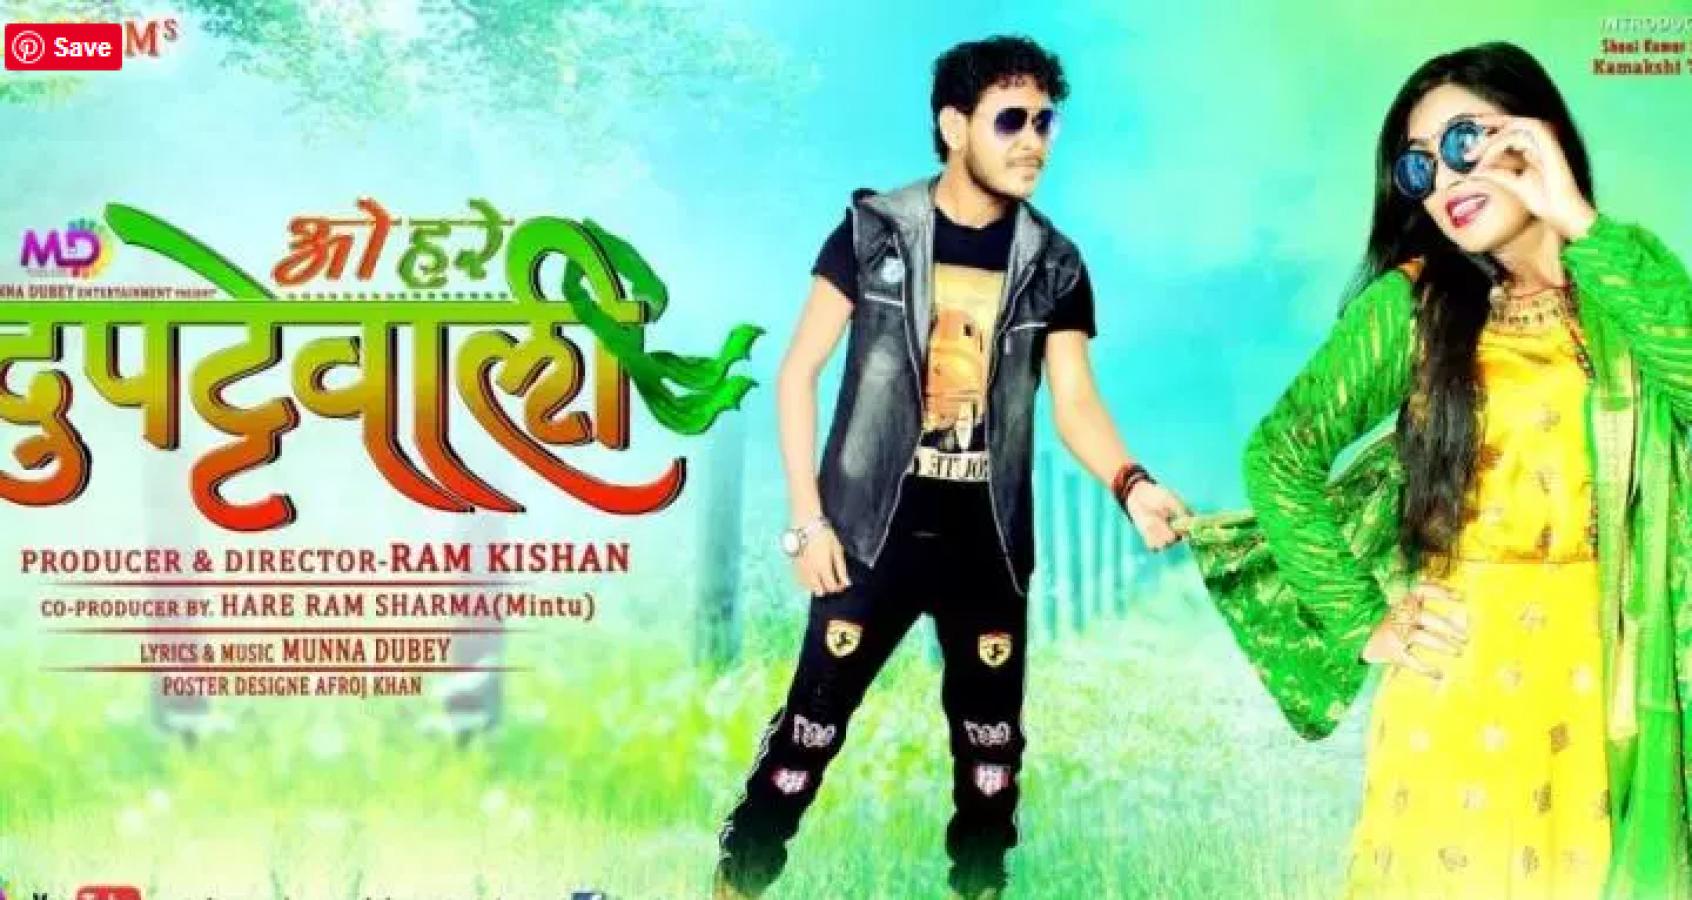 भोजपुरी फिल्म 'ओ हरे दुपट्टेवाली' का फर्स्ट लुक आया सामने, शूटिंग हुई शुरू